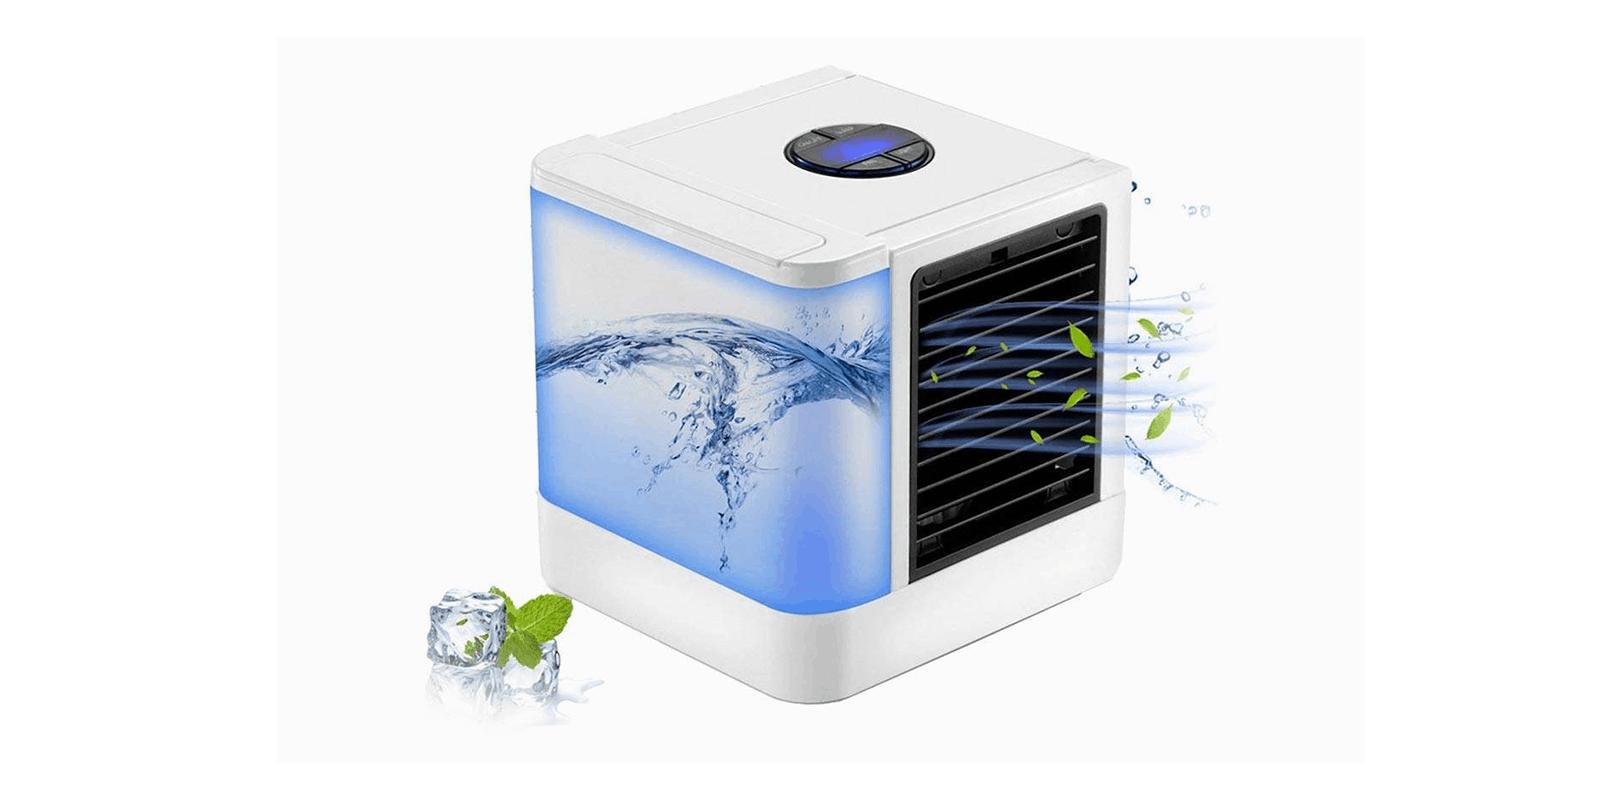 T10 Cooler Reviews